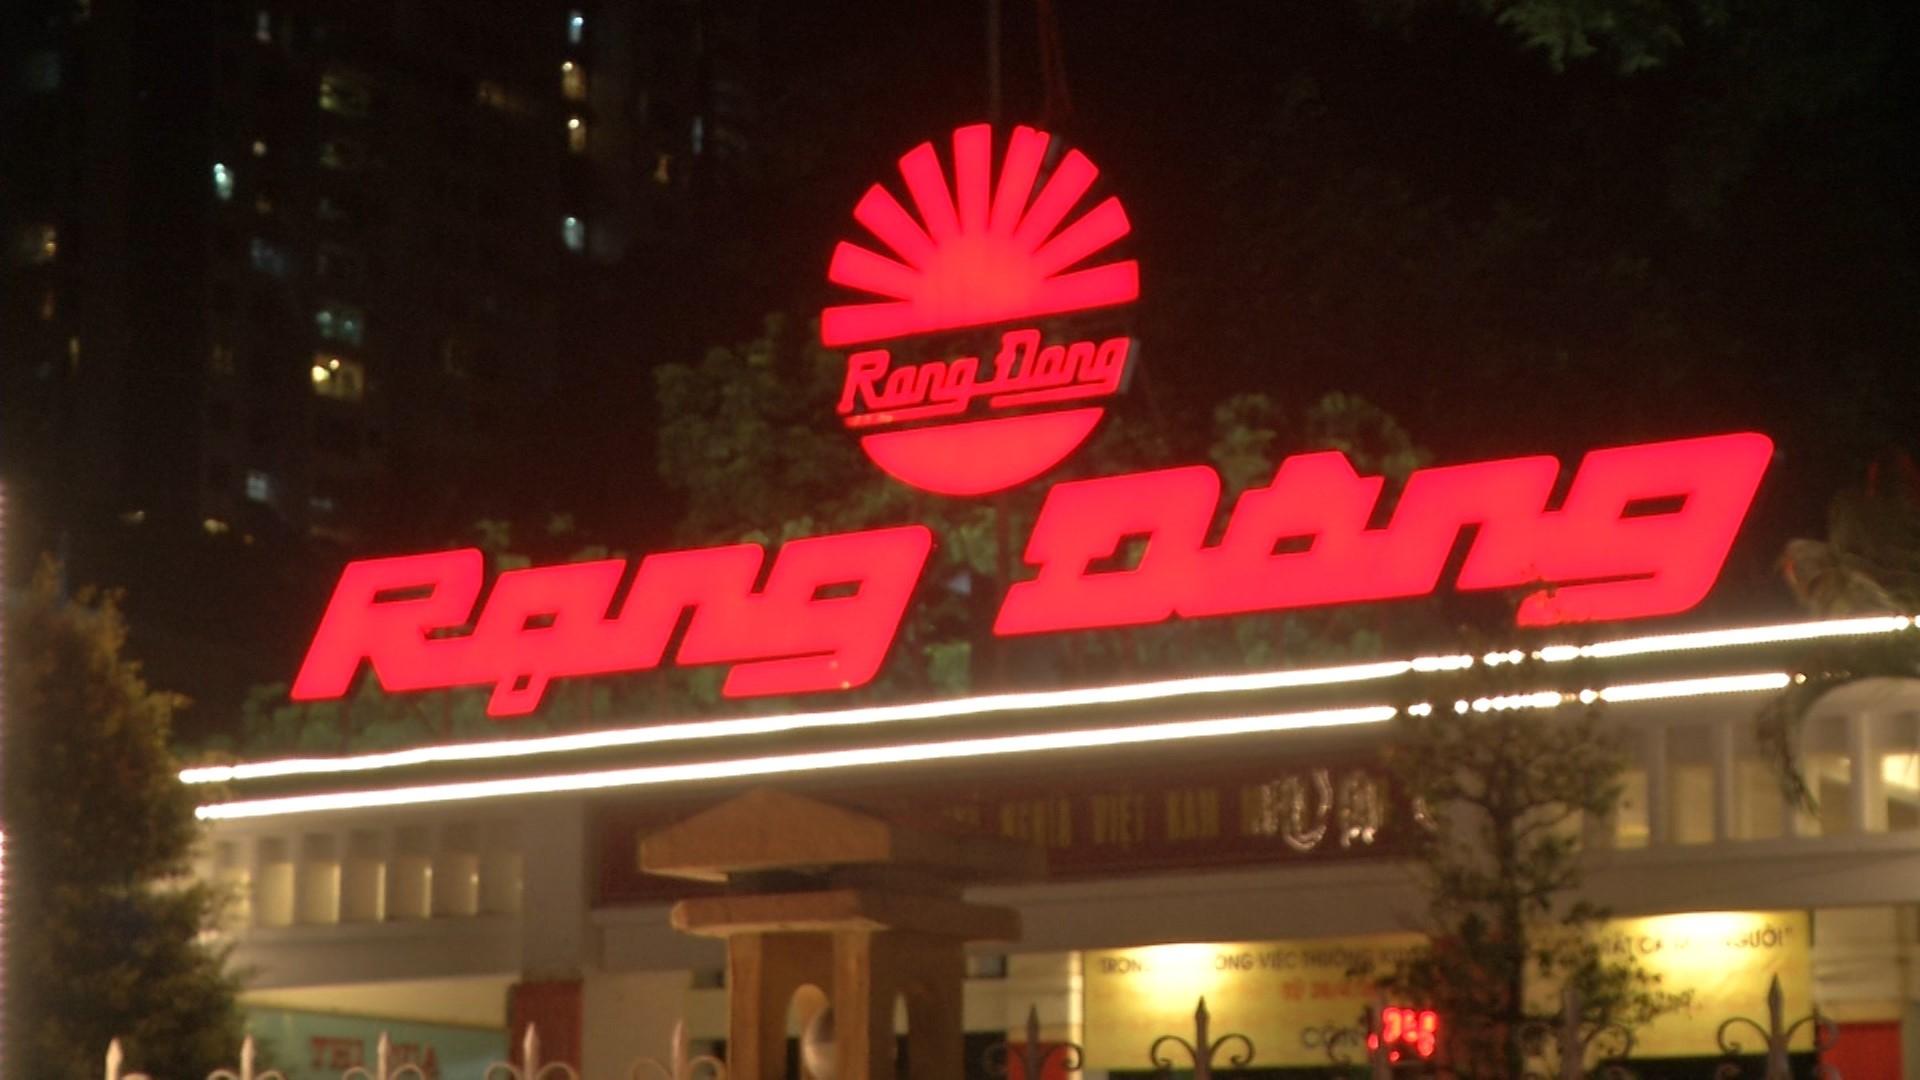 chay cong ty phich nuoc rang dong thong ke thiet hai ban dau